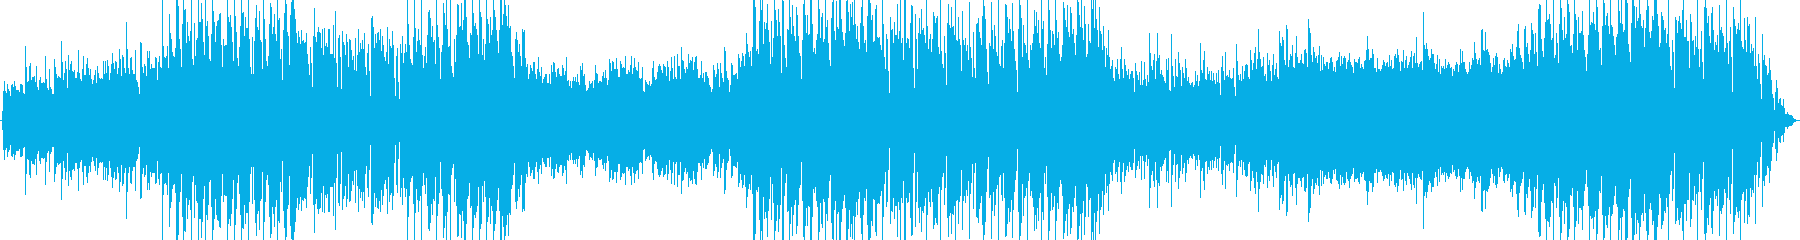 宇宙的、EDM、トランス、テクノの再生済みの波形